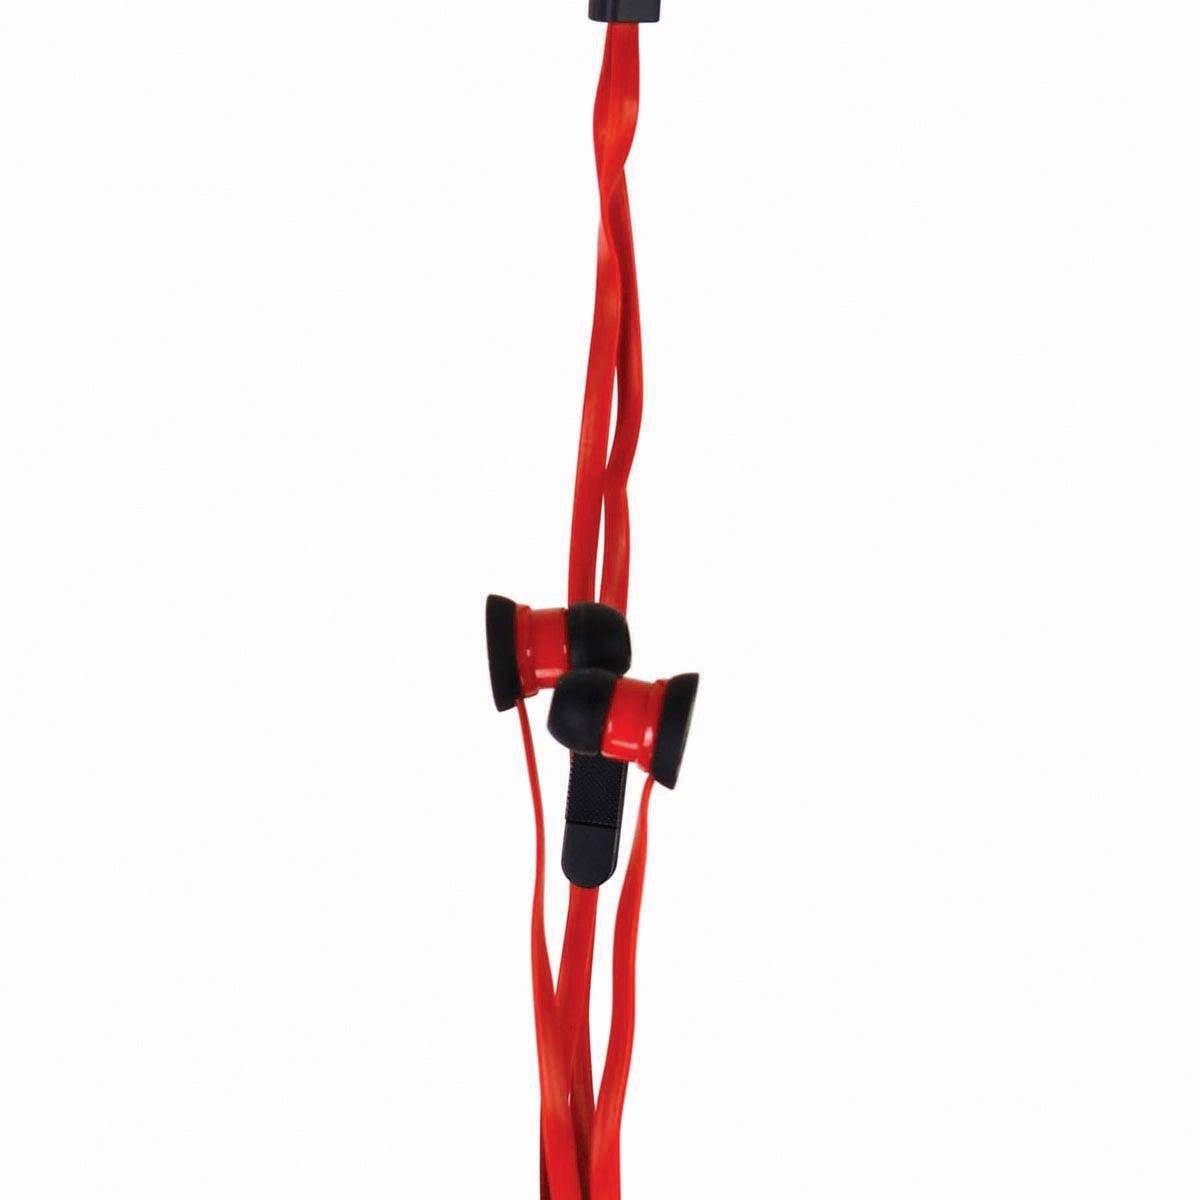 Ecko Stomp Red Earbud and mic EKU-STP-RD